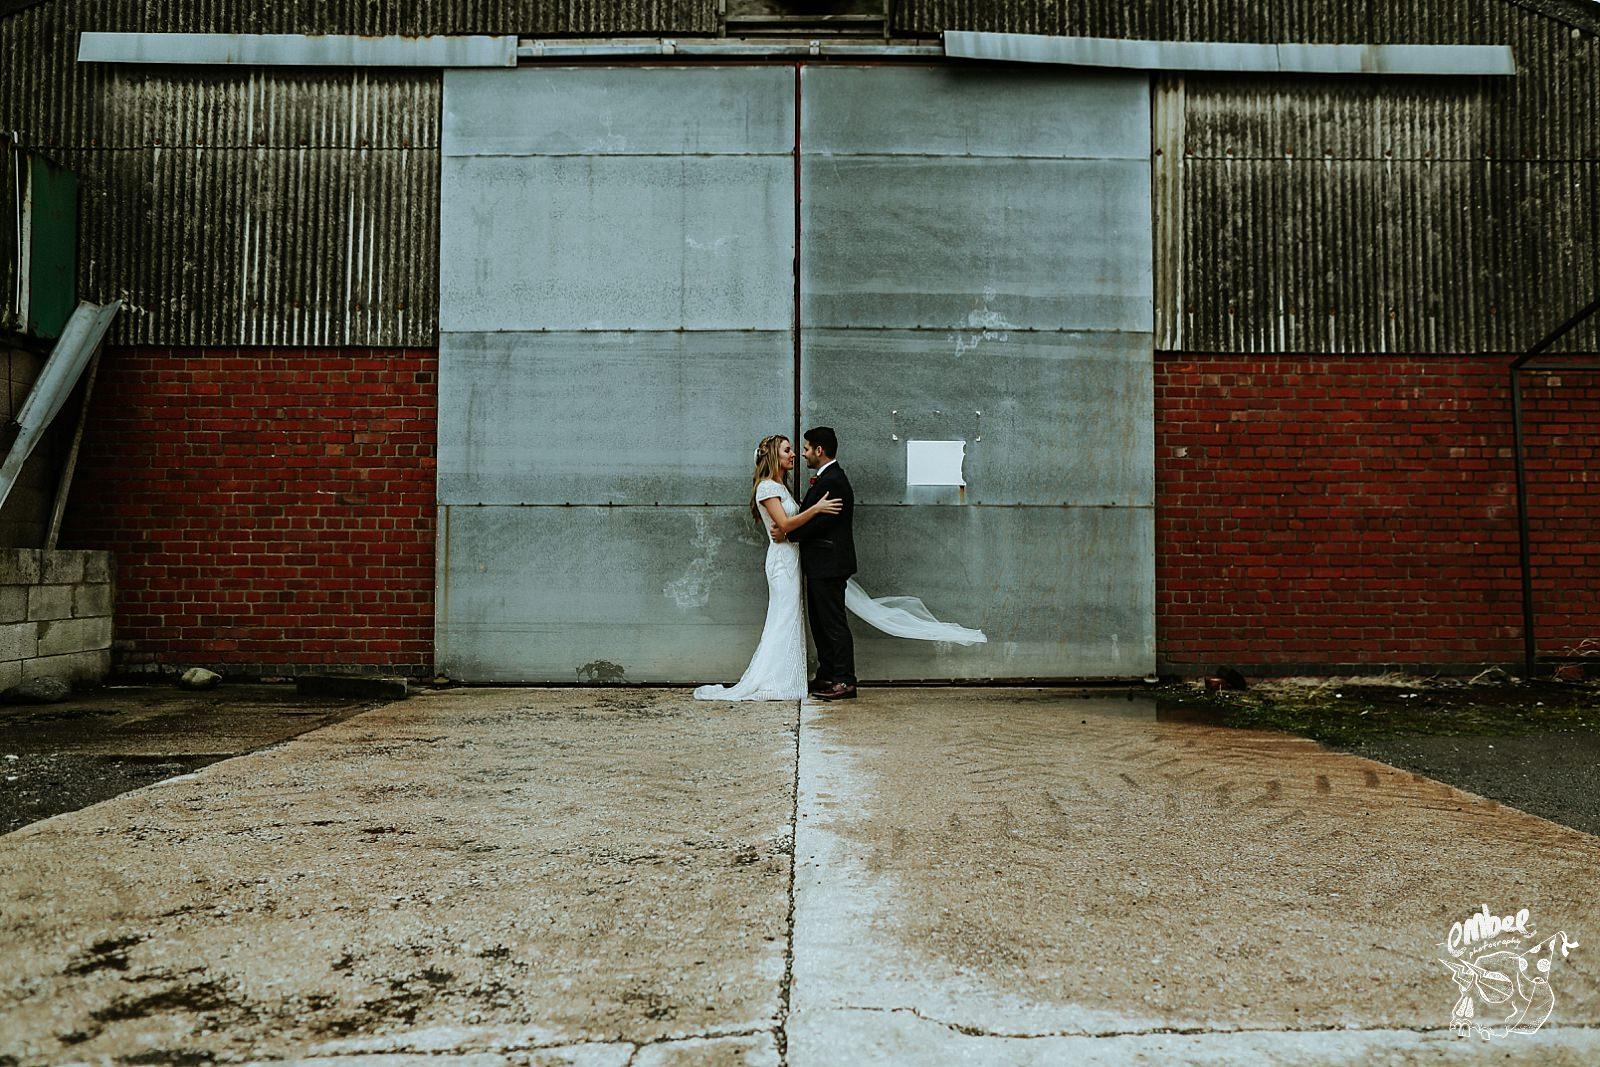 brdie and groom infront of steel doors